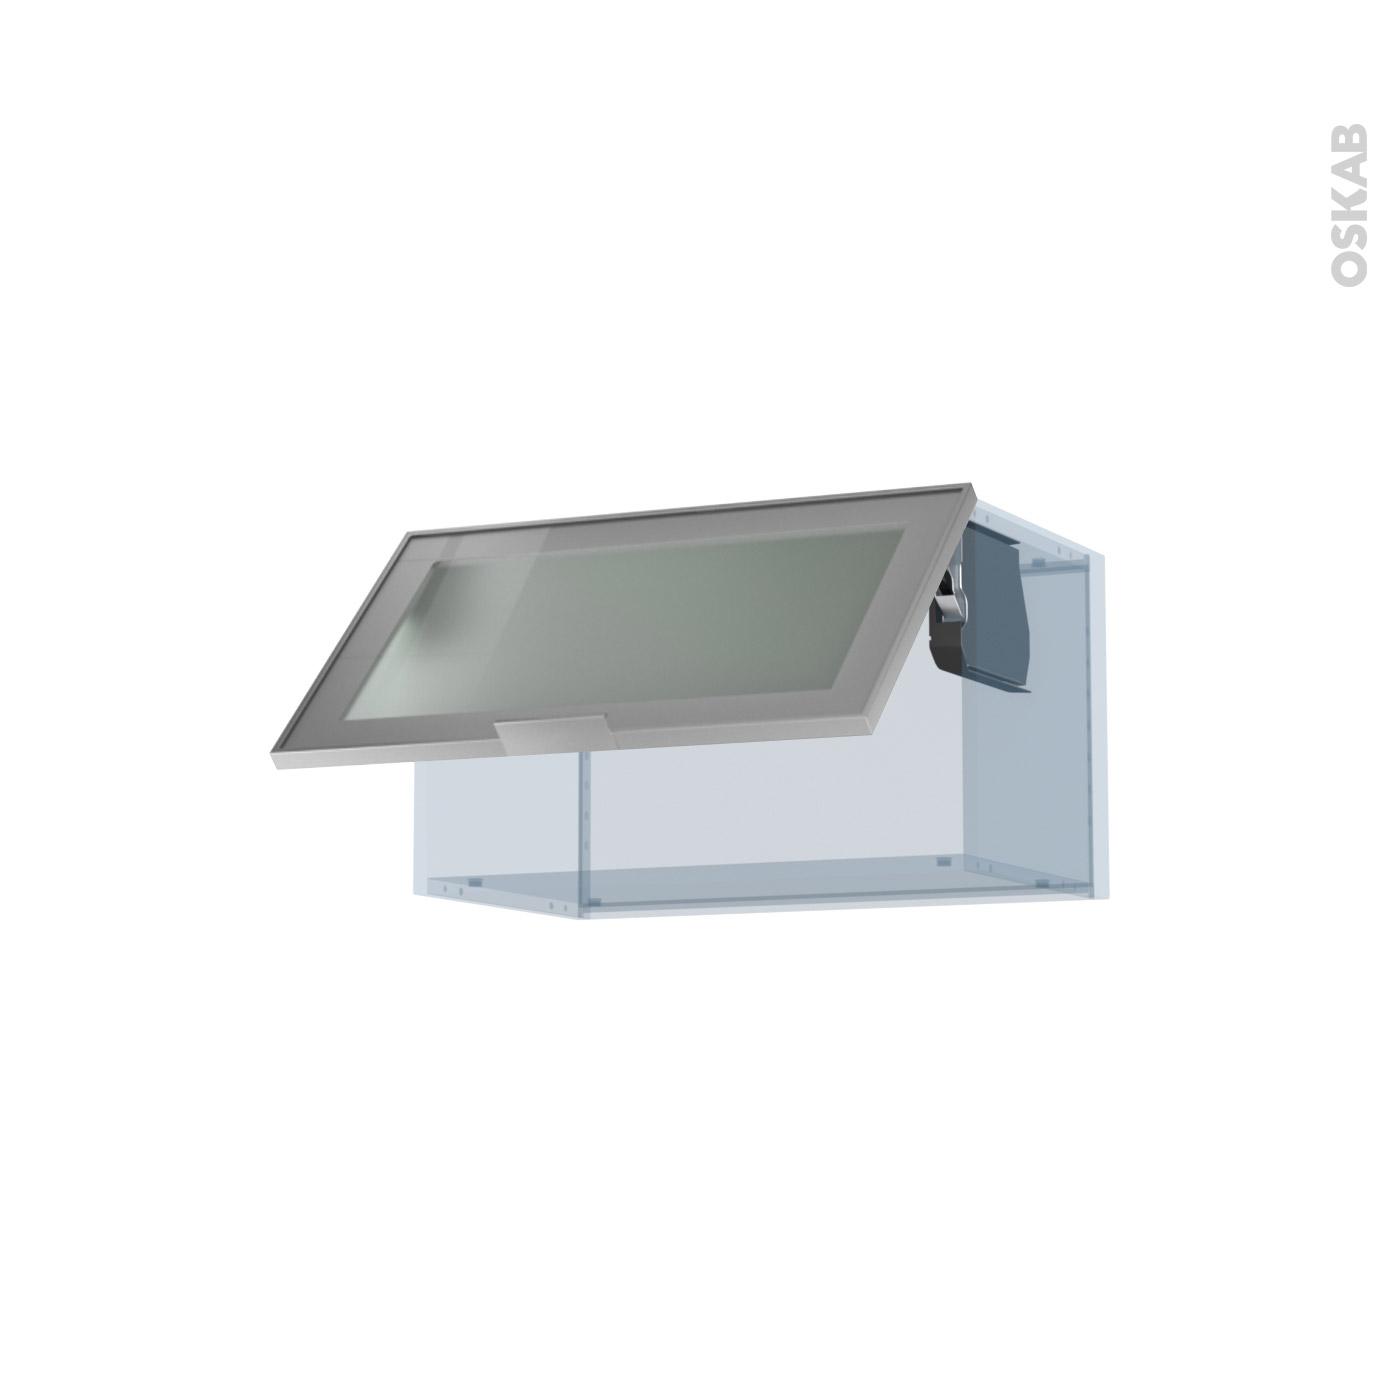 SOKLEO Façade alu vitrée Kit Rénovation 18 Meuble haut abattant H35 1 porte  L60xH35xP37,5 - Oskab